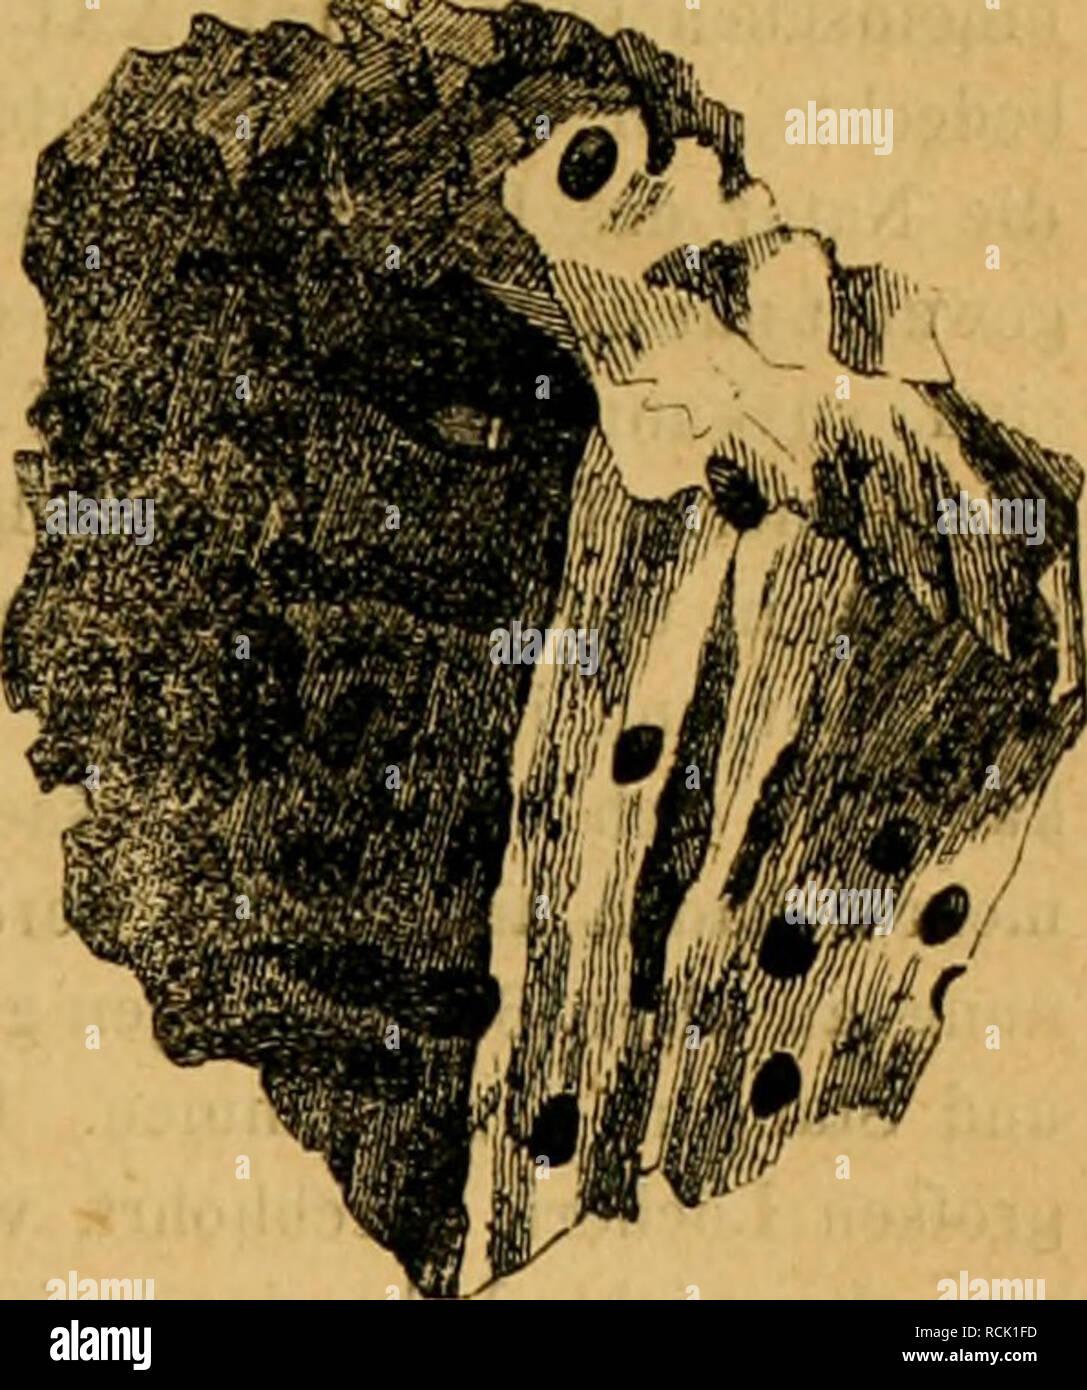 . Die forst-insecten : oder Abbildung und beschreibung der in den wäldern Preussens und der nachbarstaaten als schädlich oder nützlich bekannt gewordenen insecten ; in systematischer folge und mit besonderer rücksicht auf die vertilgung der schèadlichen. Im auftrage des chefs der zweiten abtheilung des Kèonigl. Preuss. ; Haus-ministeriums Herrn geheimen staats-ministers von Ladenberg excellenz, herausgegeben. Forest insects. AnOBIUM TESSELLATÜM. ANOBroM EMARGINATUM. 51 an anbrüchigen Stellen der alten Taxus-Bäume am grofsen Rabensteine im Thale'schen Reviere. Also das einzige bis jetzt in der  - Stock Image